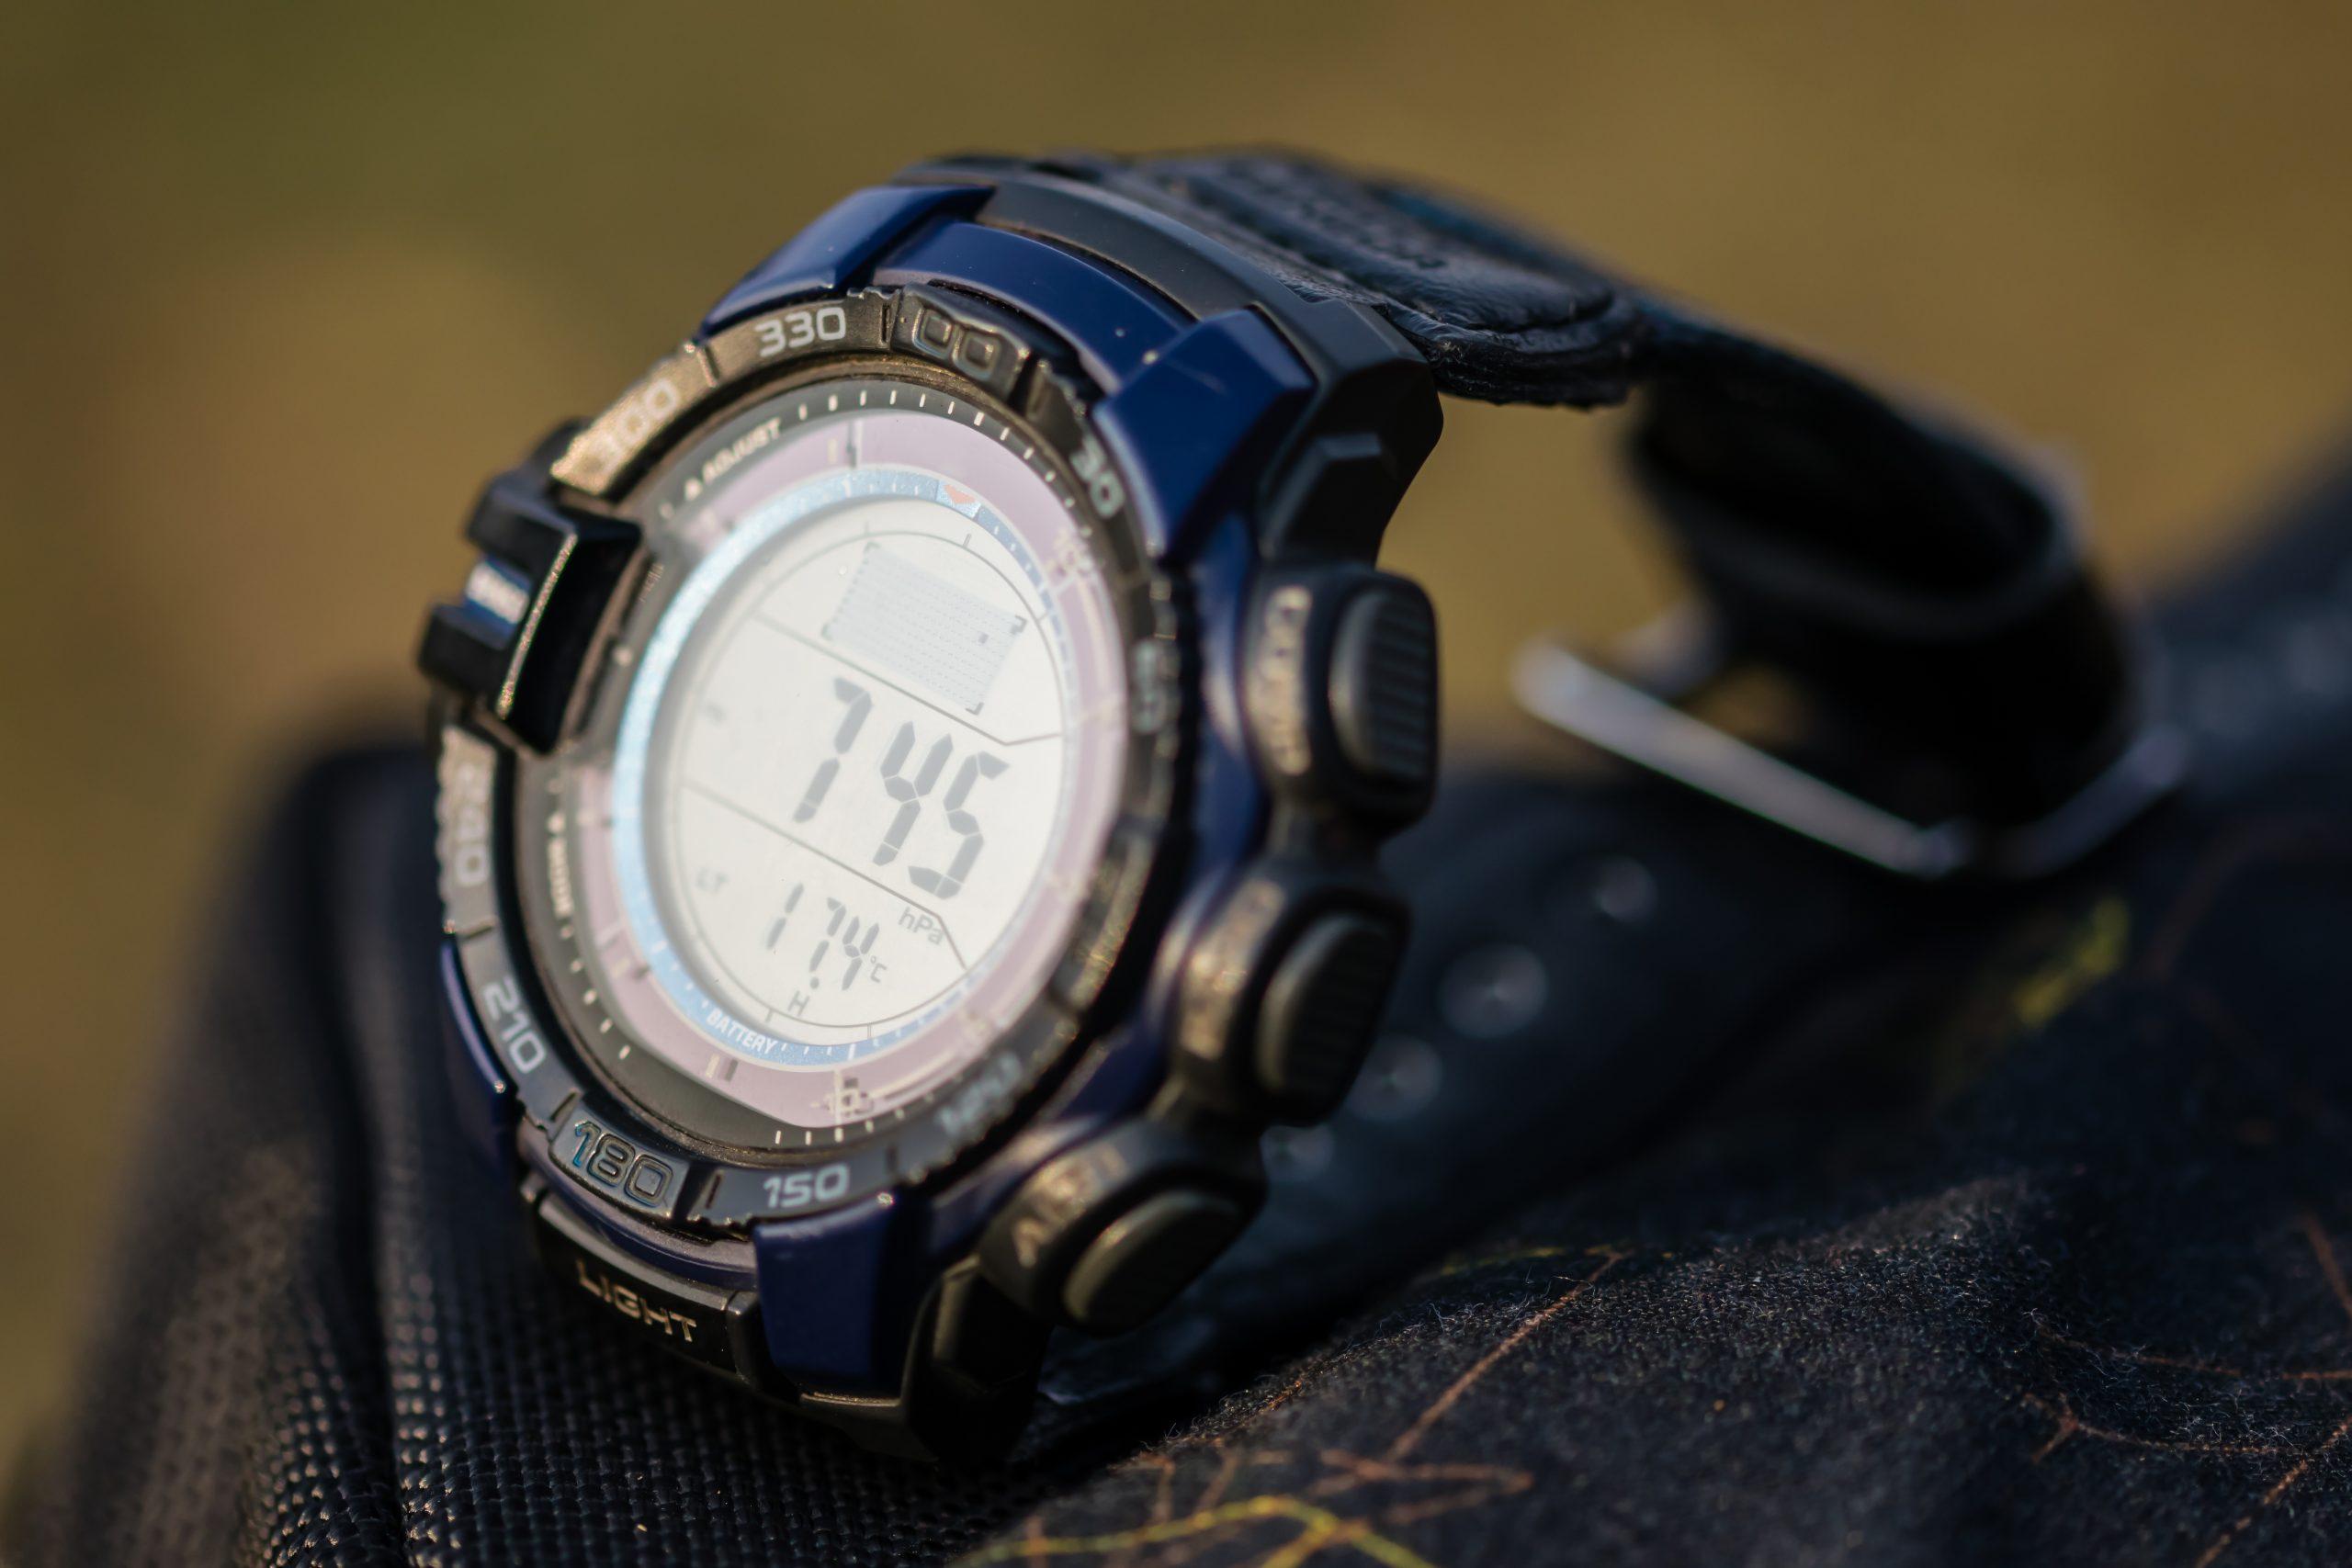 Wrist watch in focus.